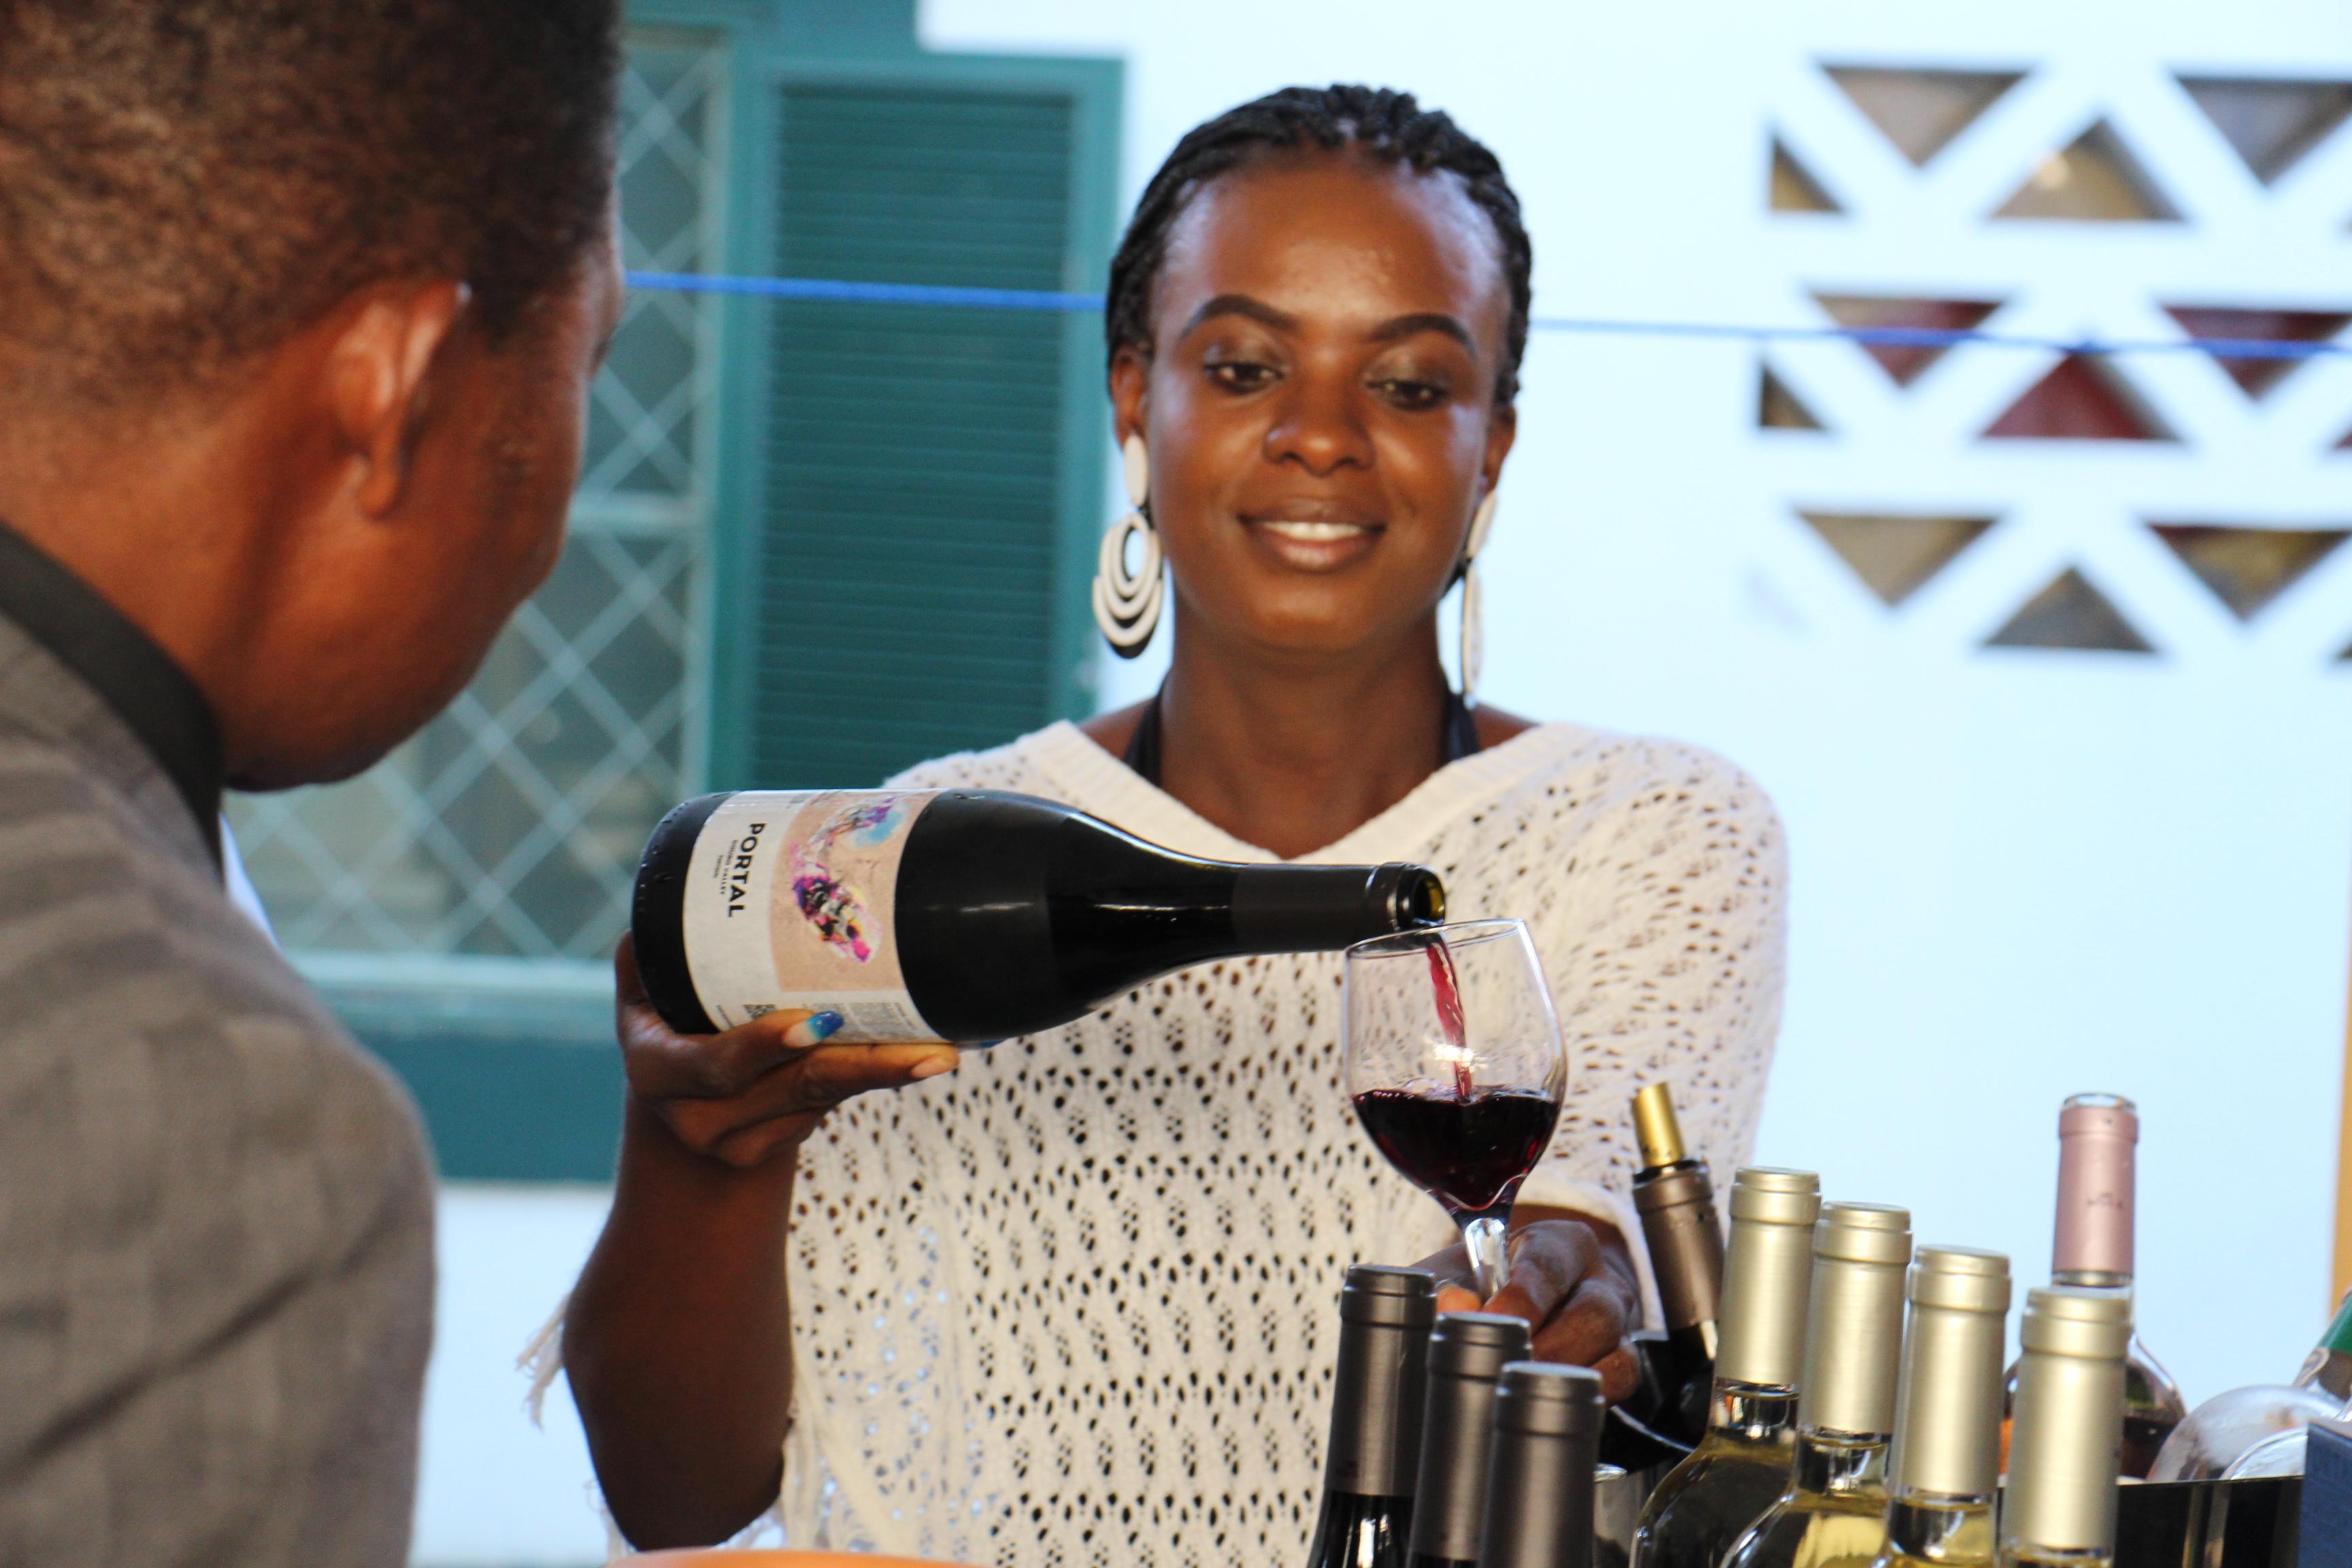 Vinhos, cocktails e comida: Festival Vínico & Gourmet 2019